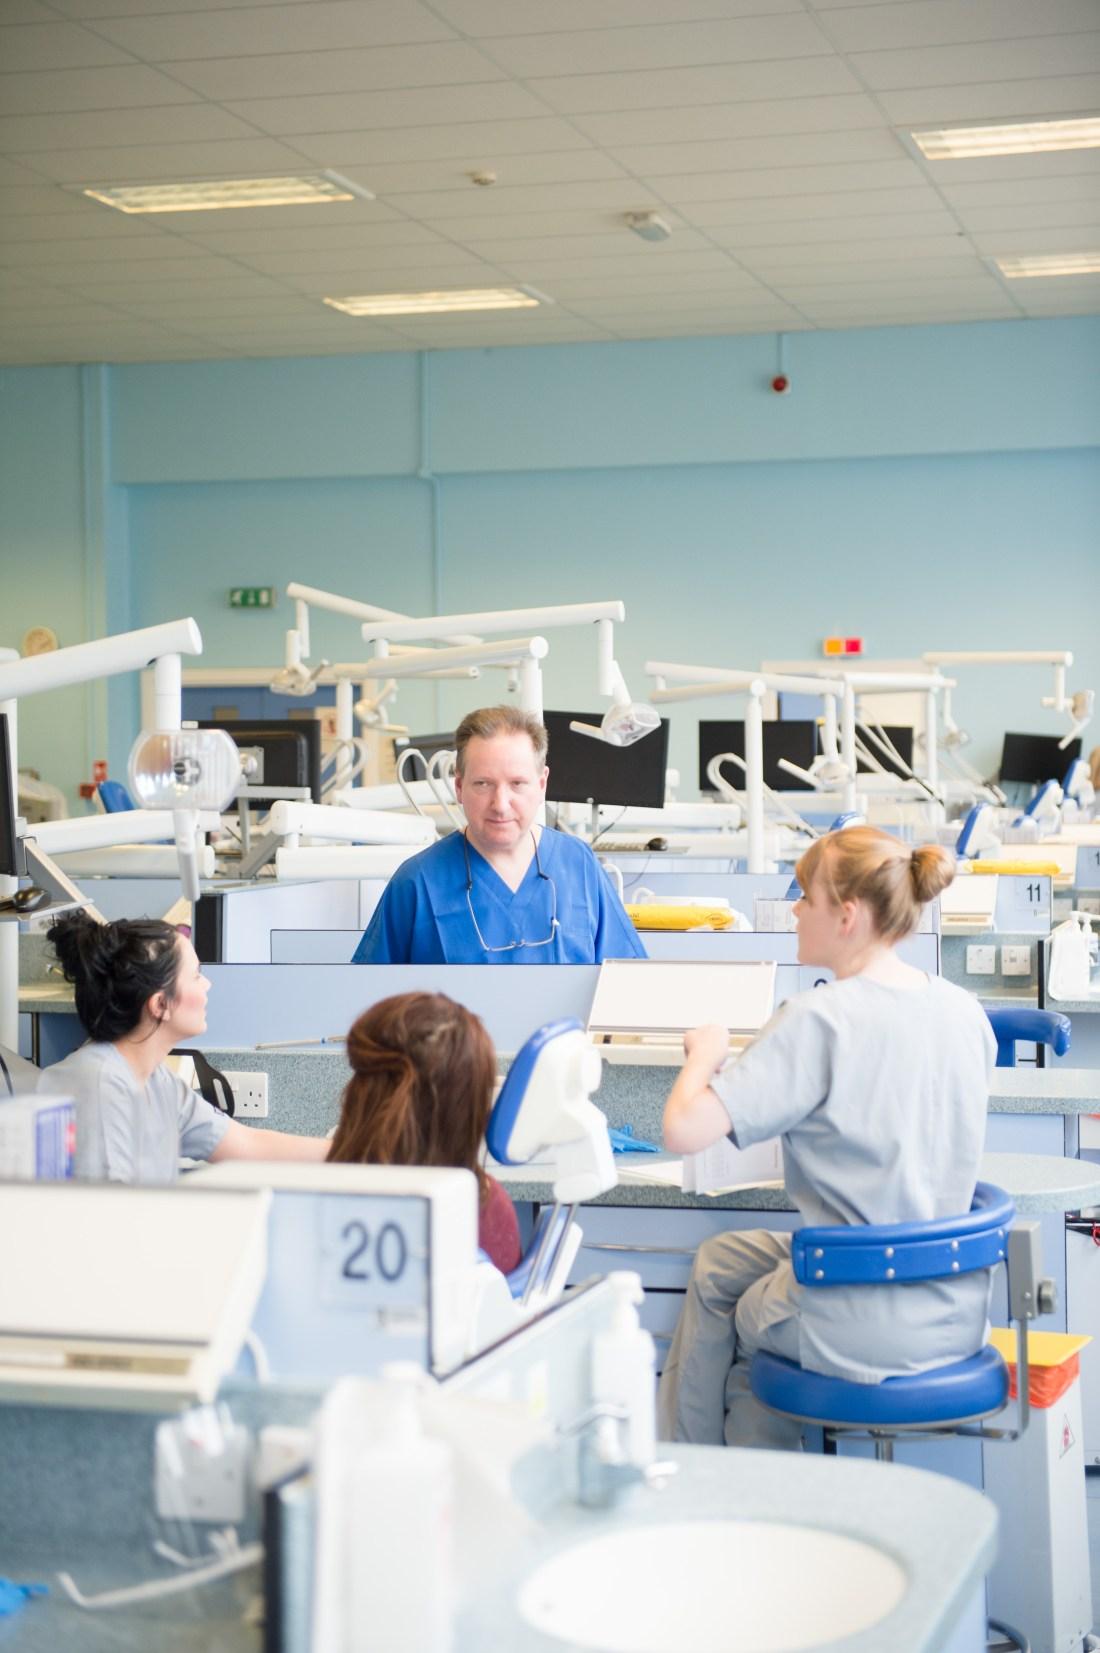 14 - 44 Dental Hospital Shots for Website 024